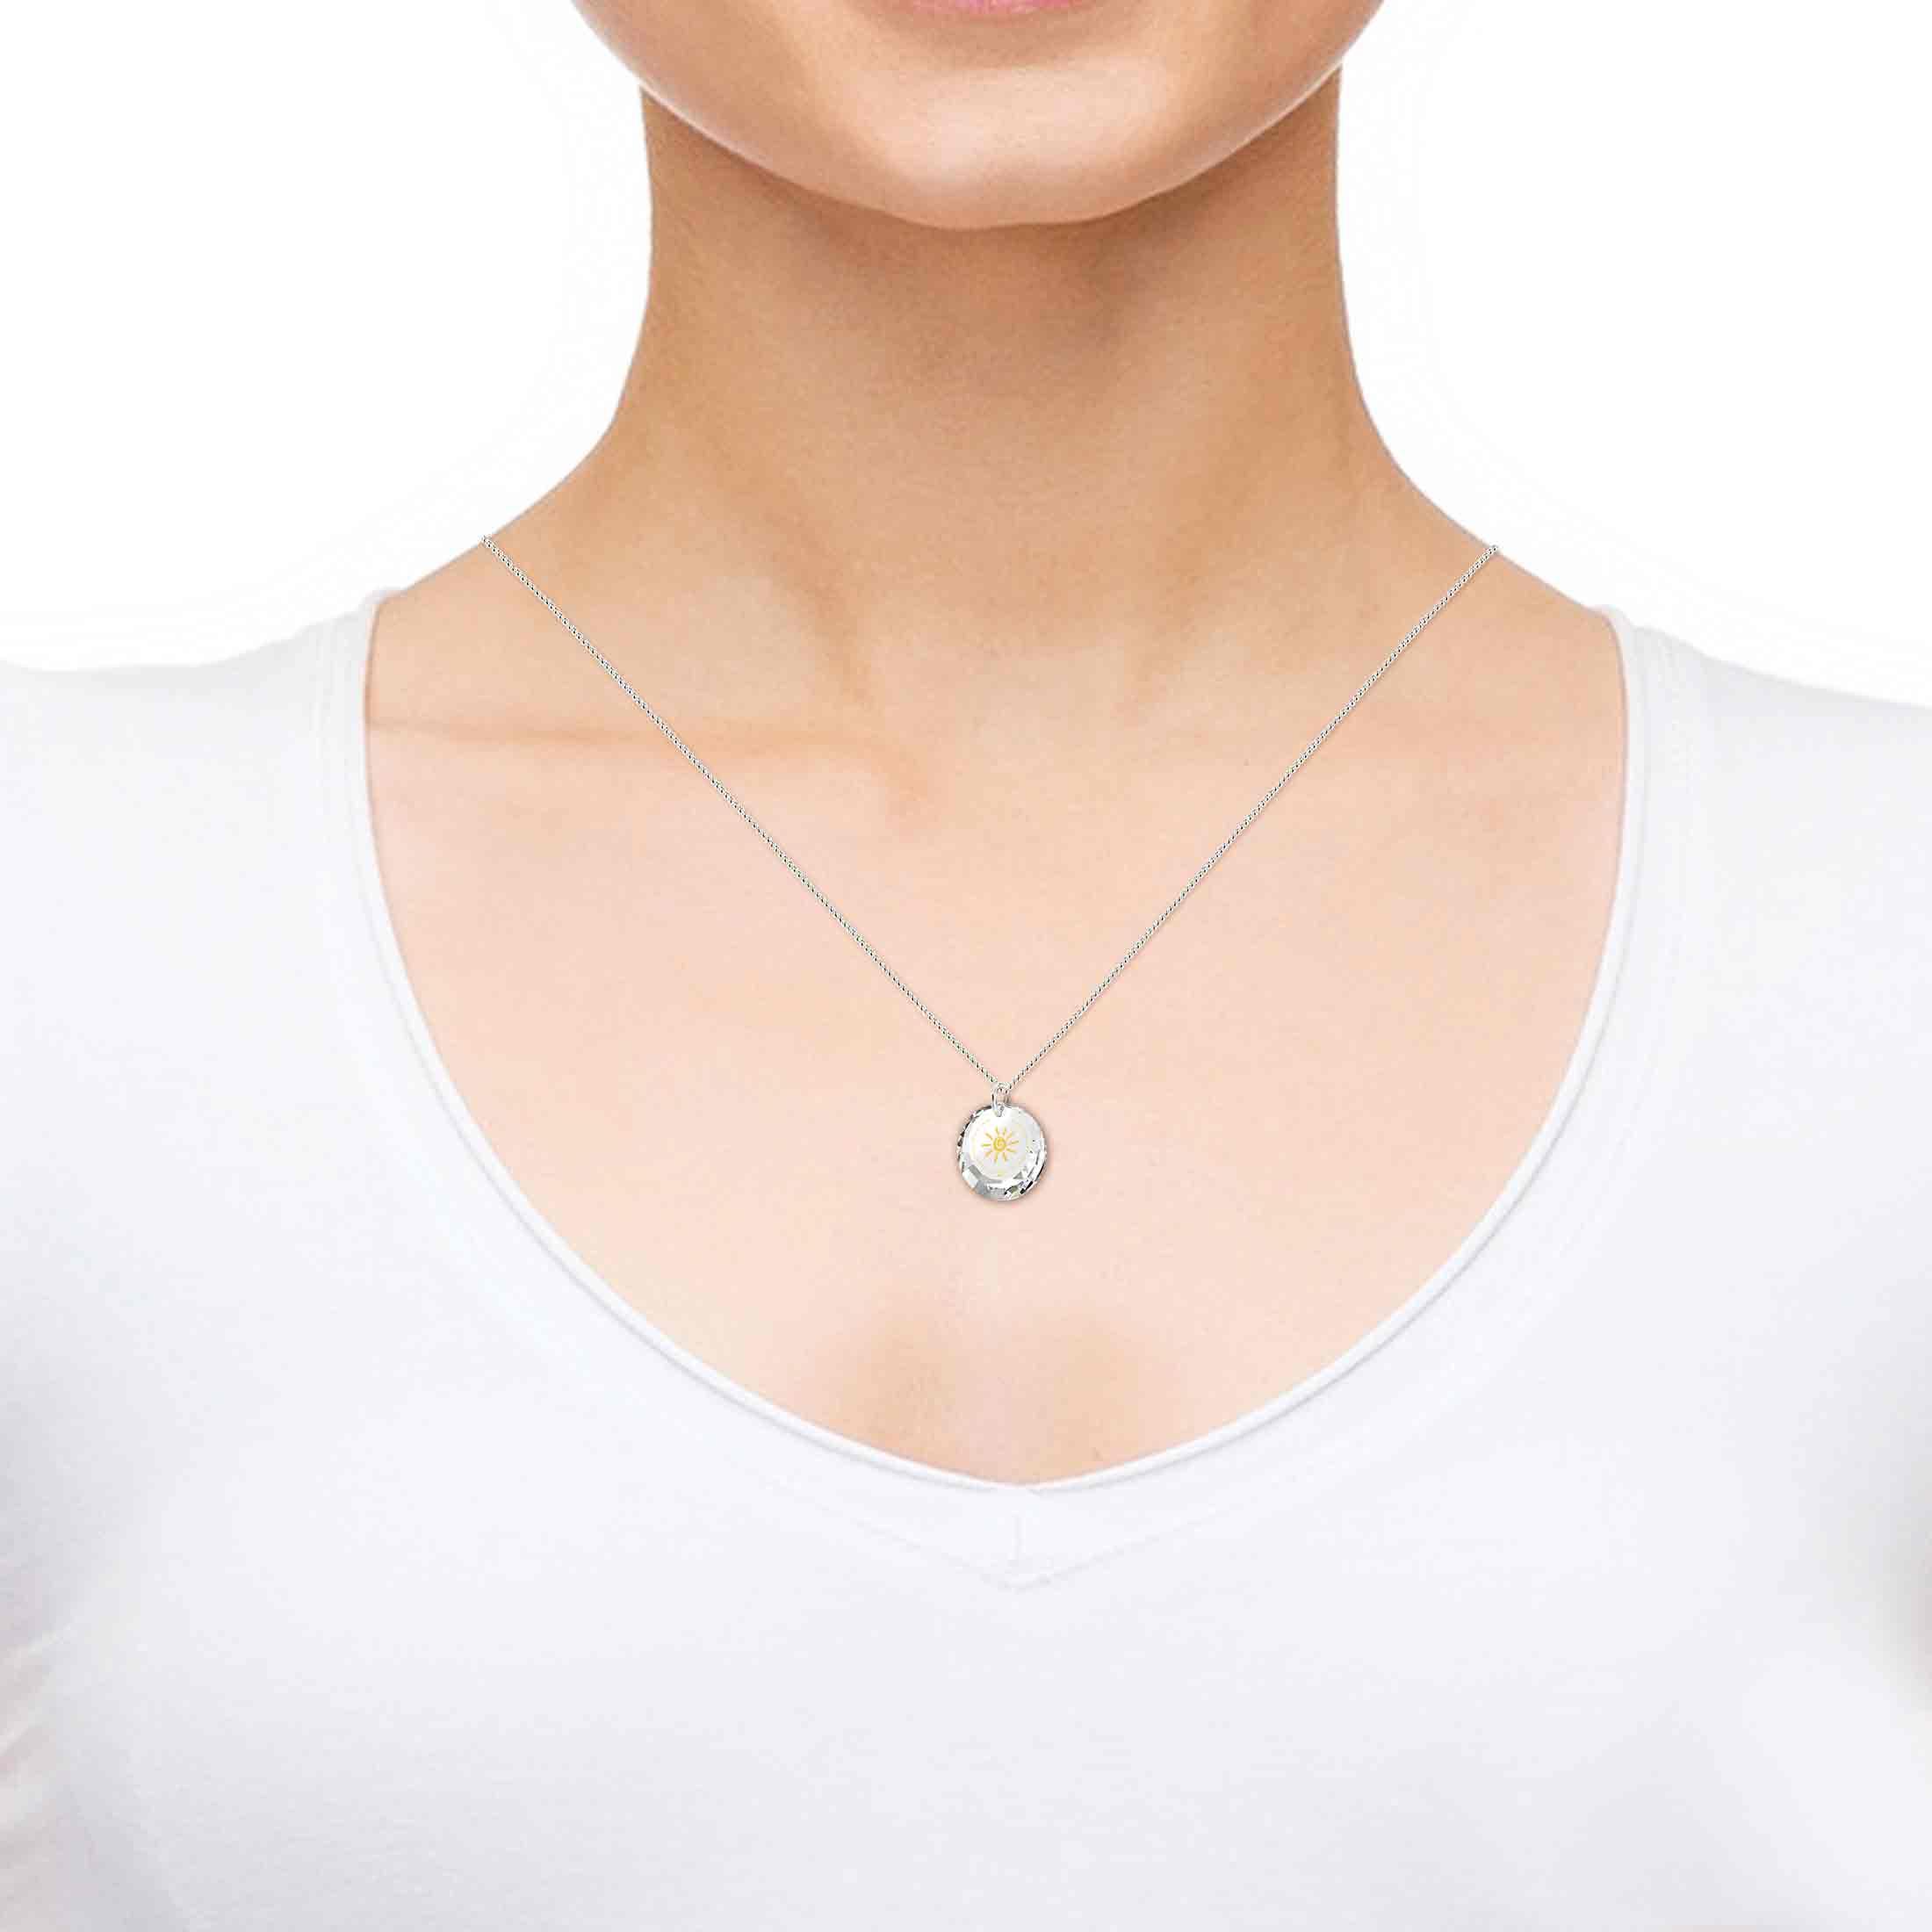 מתנה לבת מצווה - מתנות ליום הולדת לאישה - שרשרת זהב עם איחולים לאושר-בריאות-אהבה-שפע - תכשיטי ננו